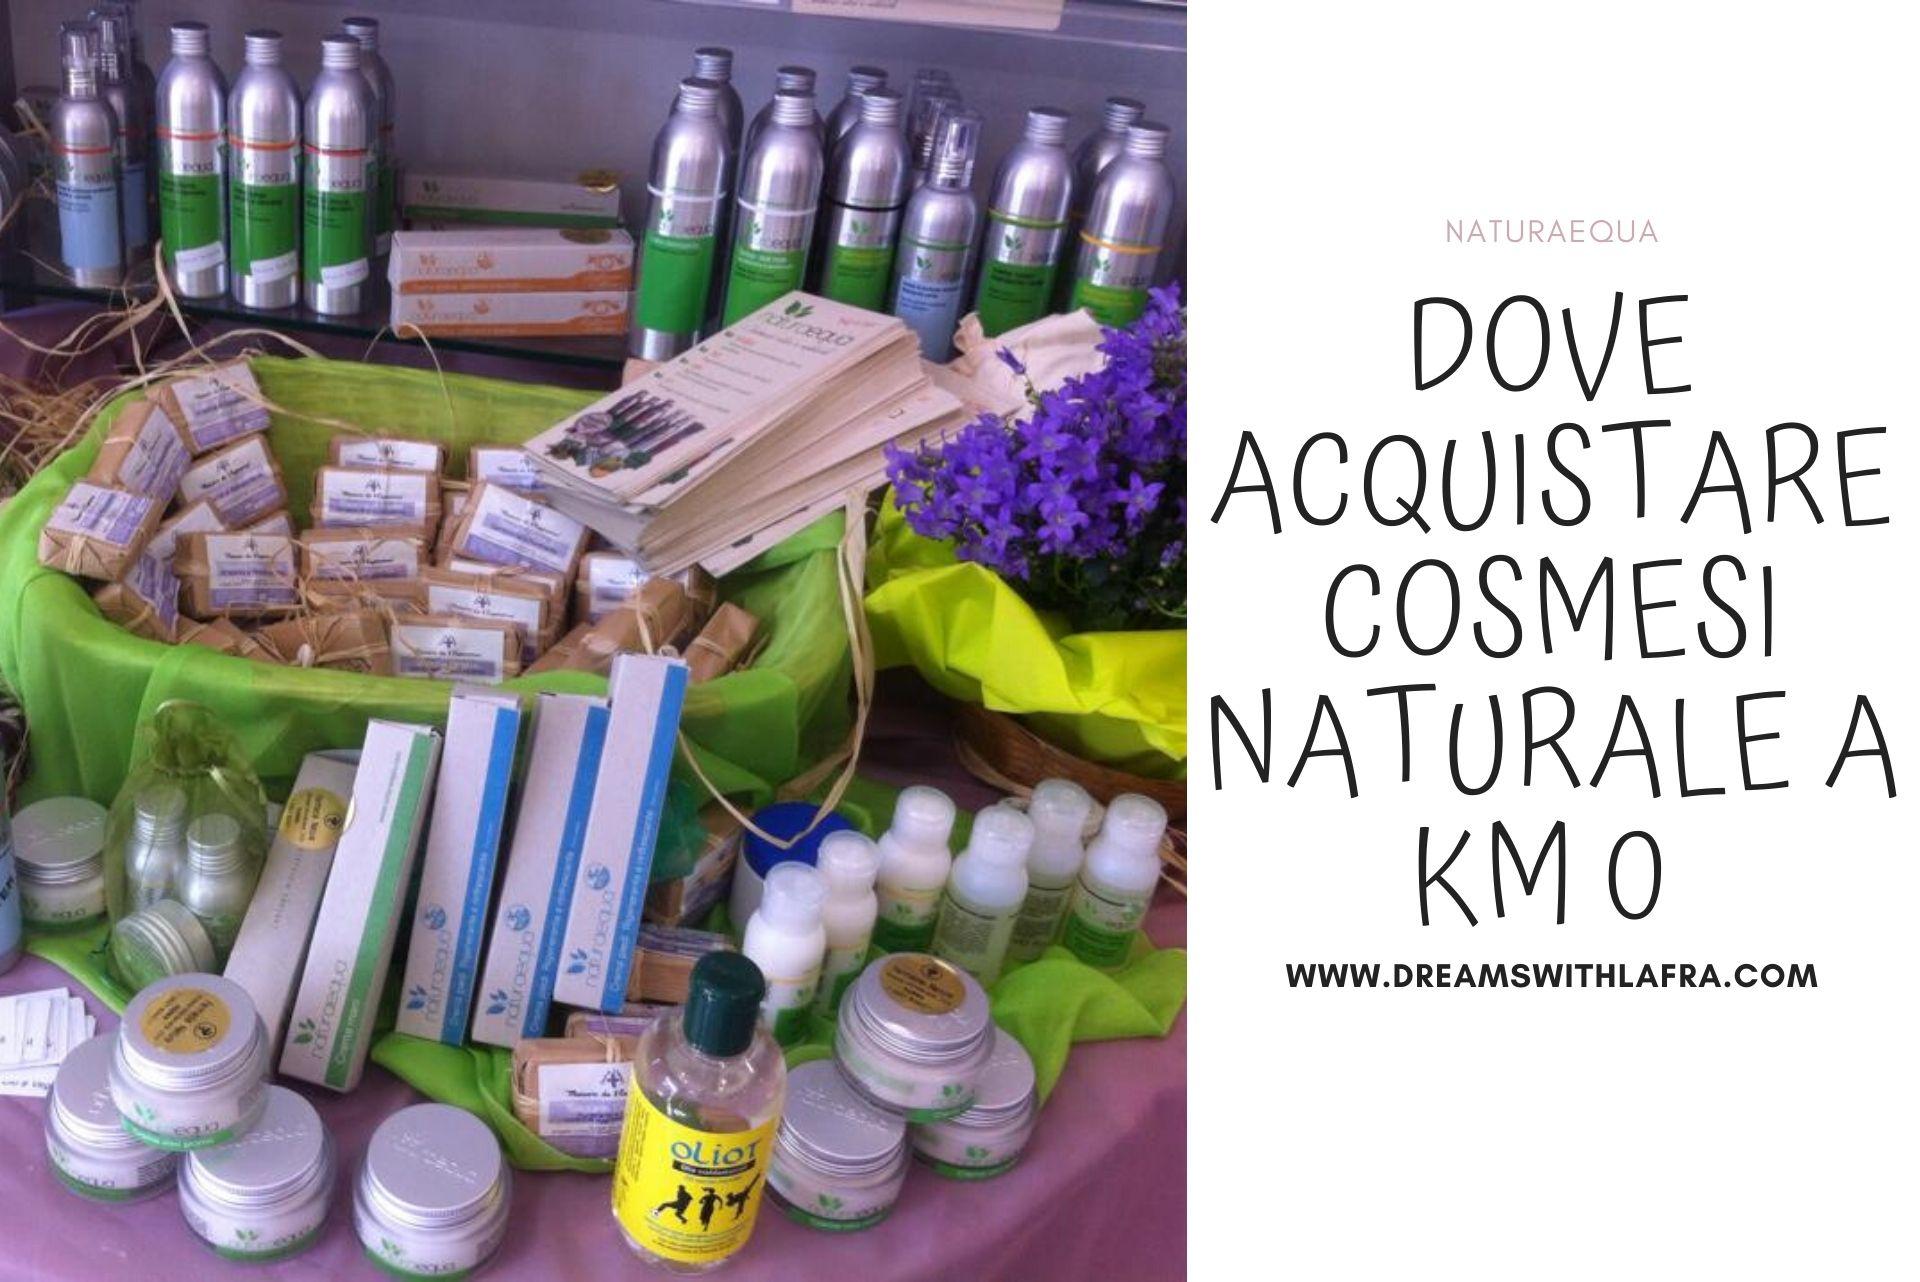 NaturaEqua - Dove acquistare cosmesi naturale a km 0